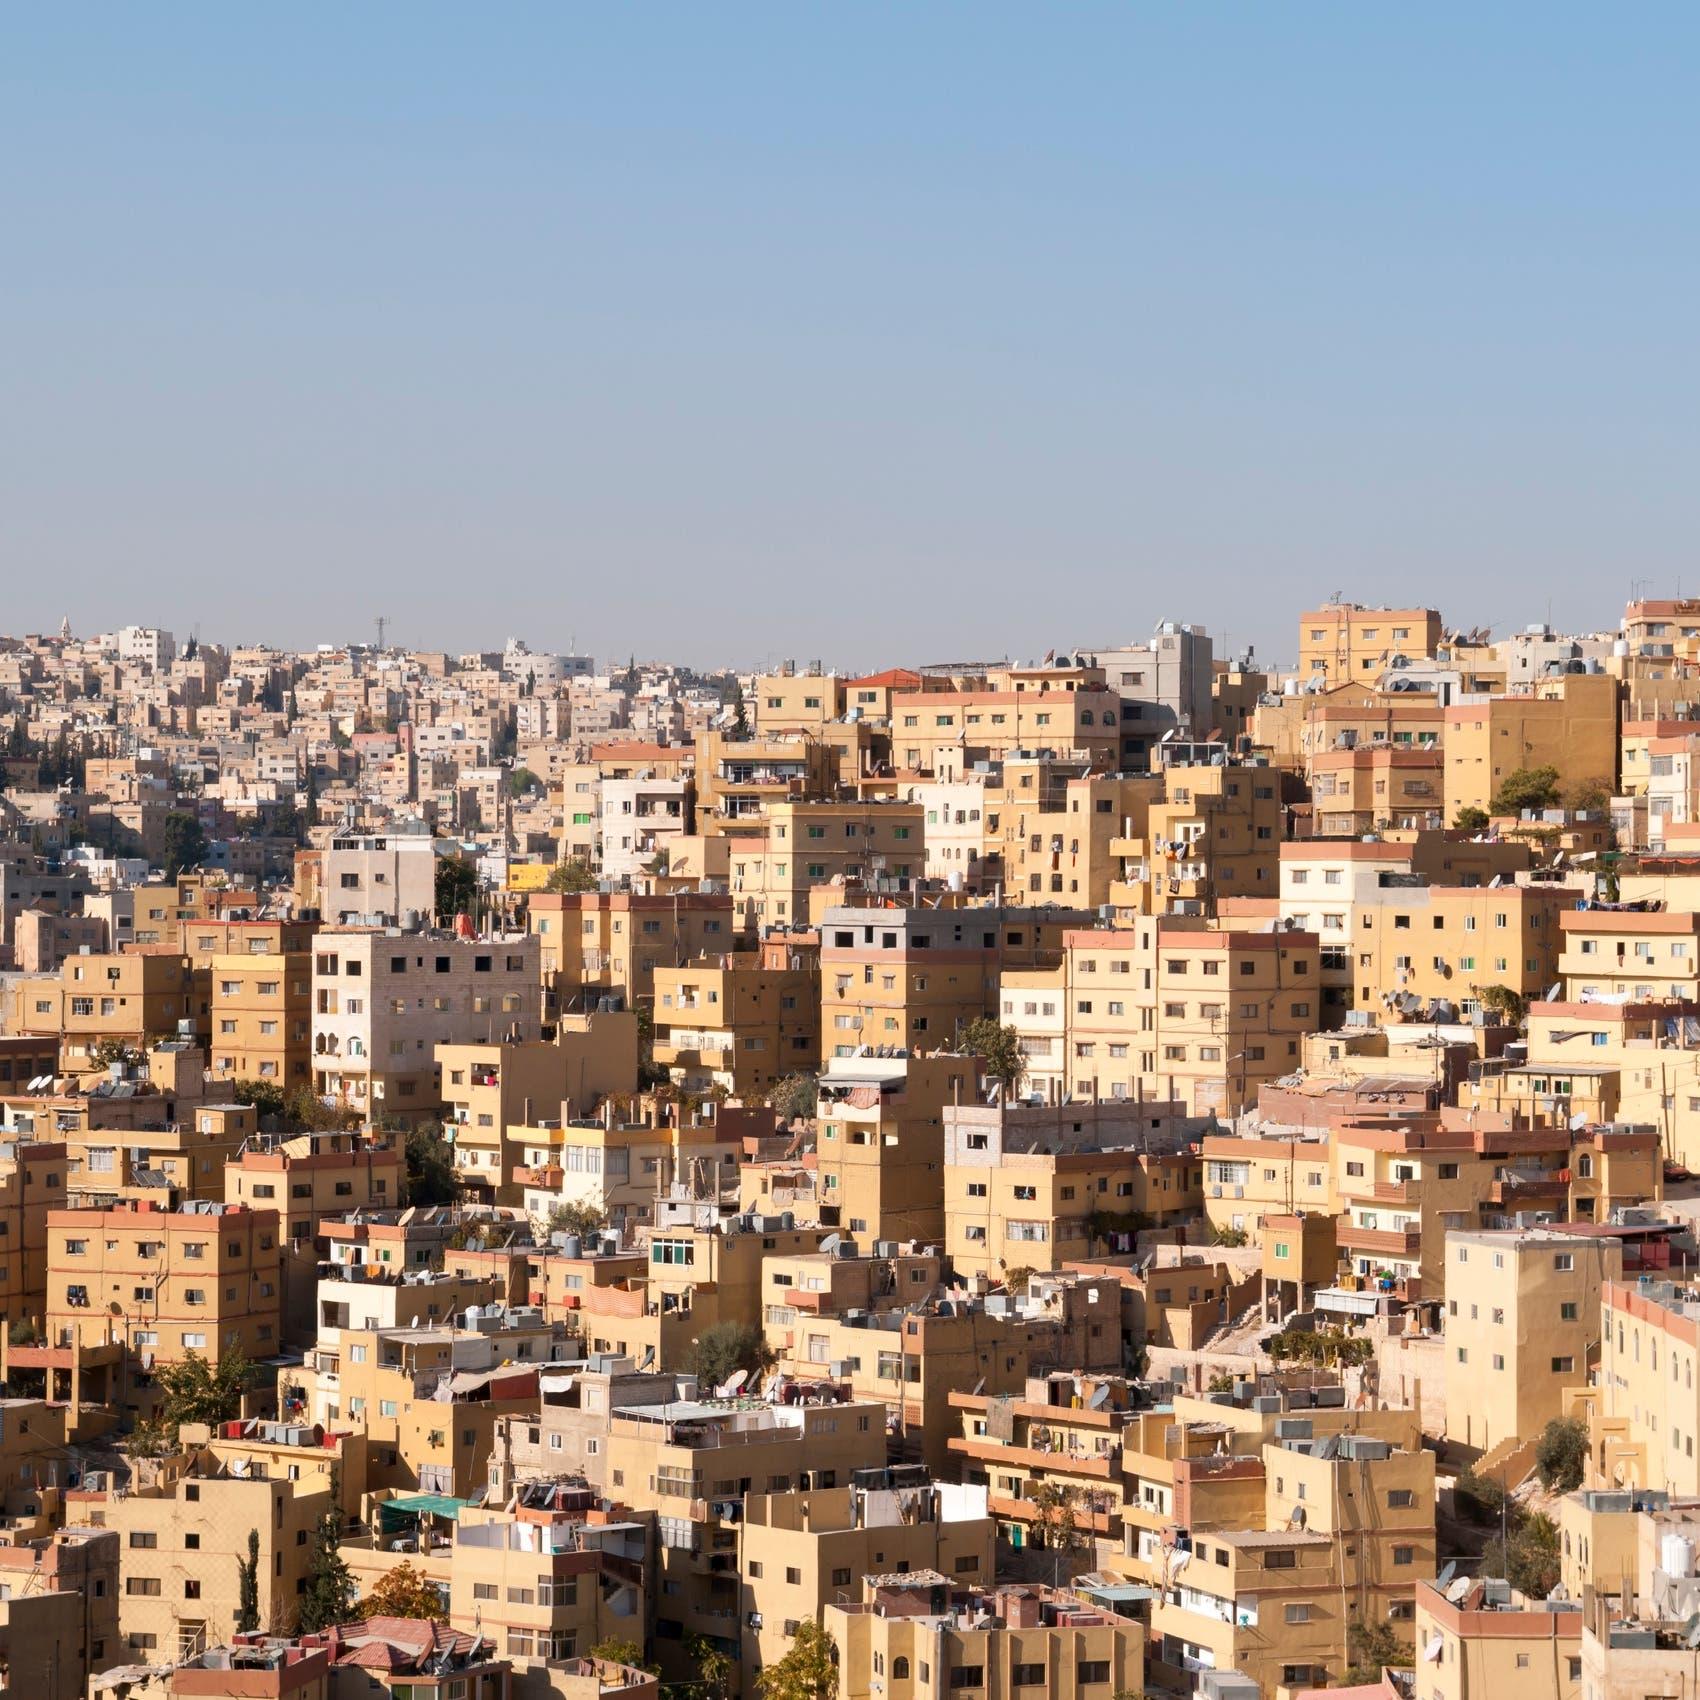 الأردن: تحقيق نمو 2.5% يعتمد على استمرار النشاط الاقتصادي